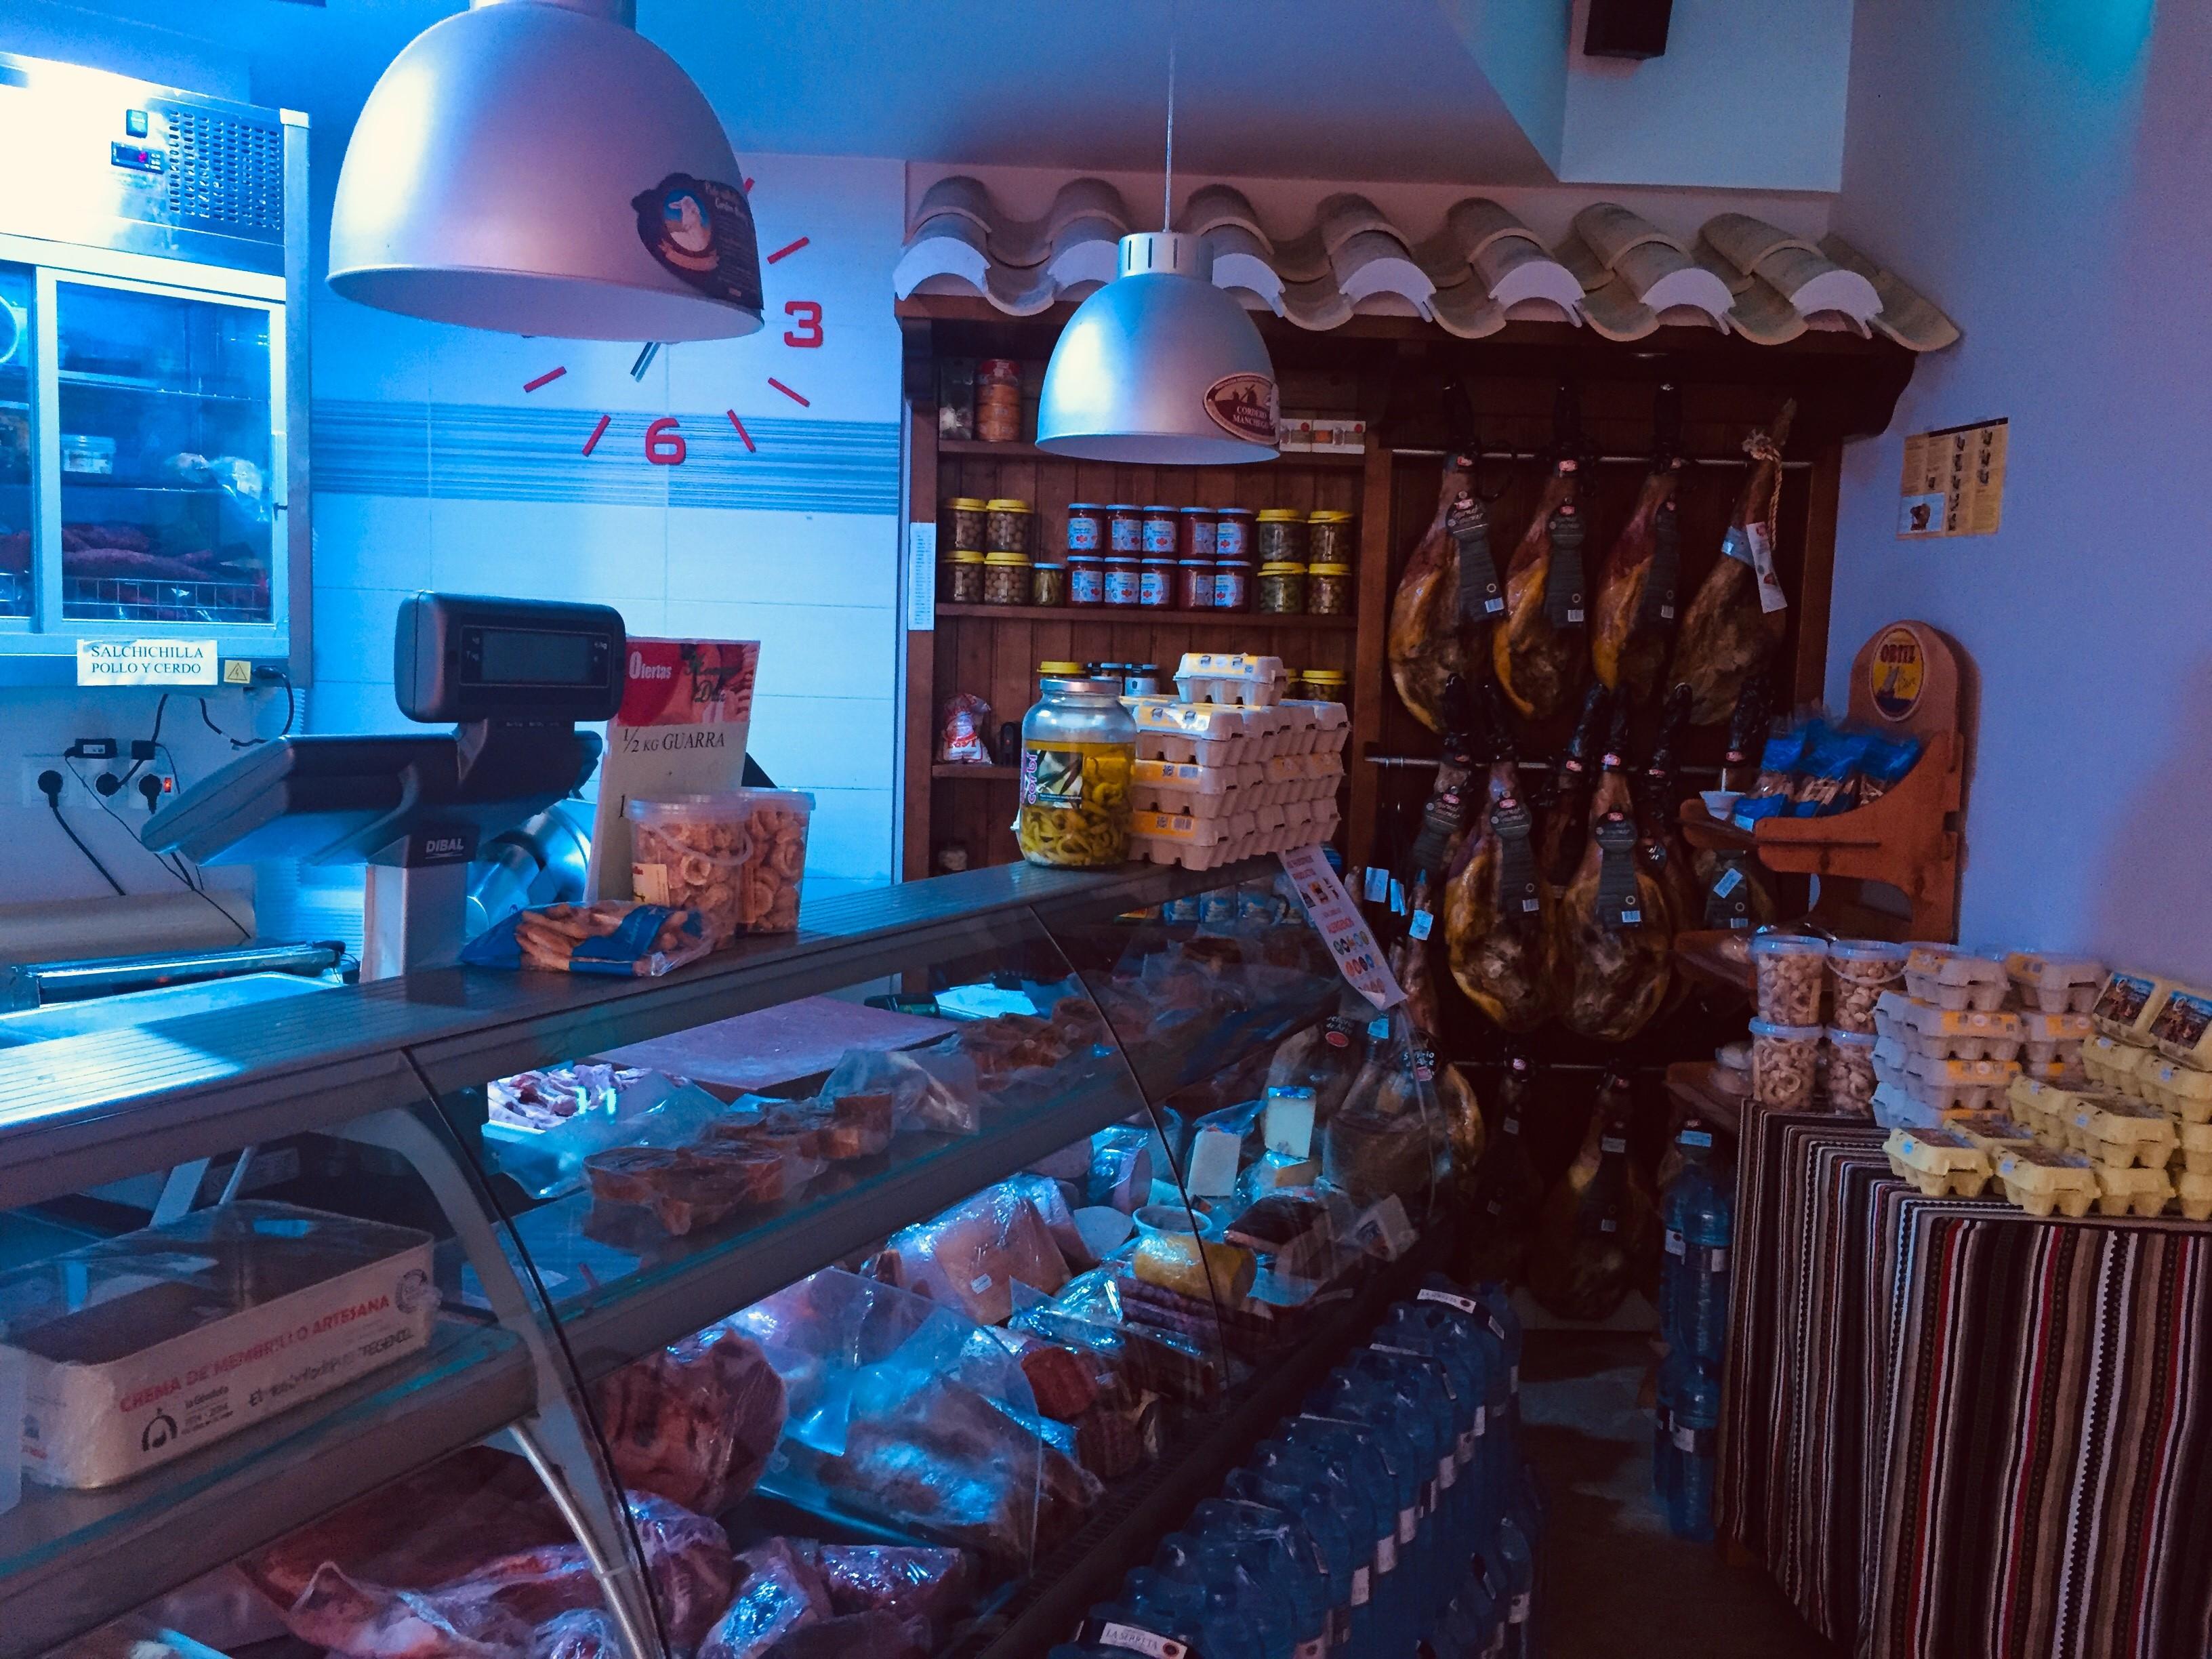 Una carniceria tradicional de nuestra ciudad